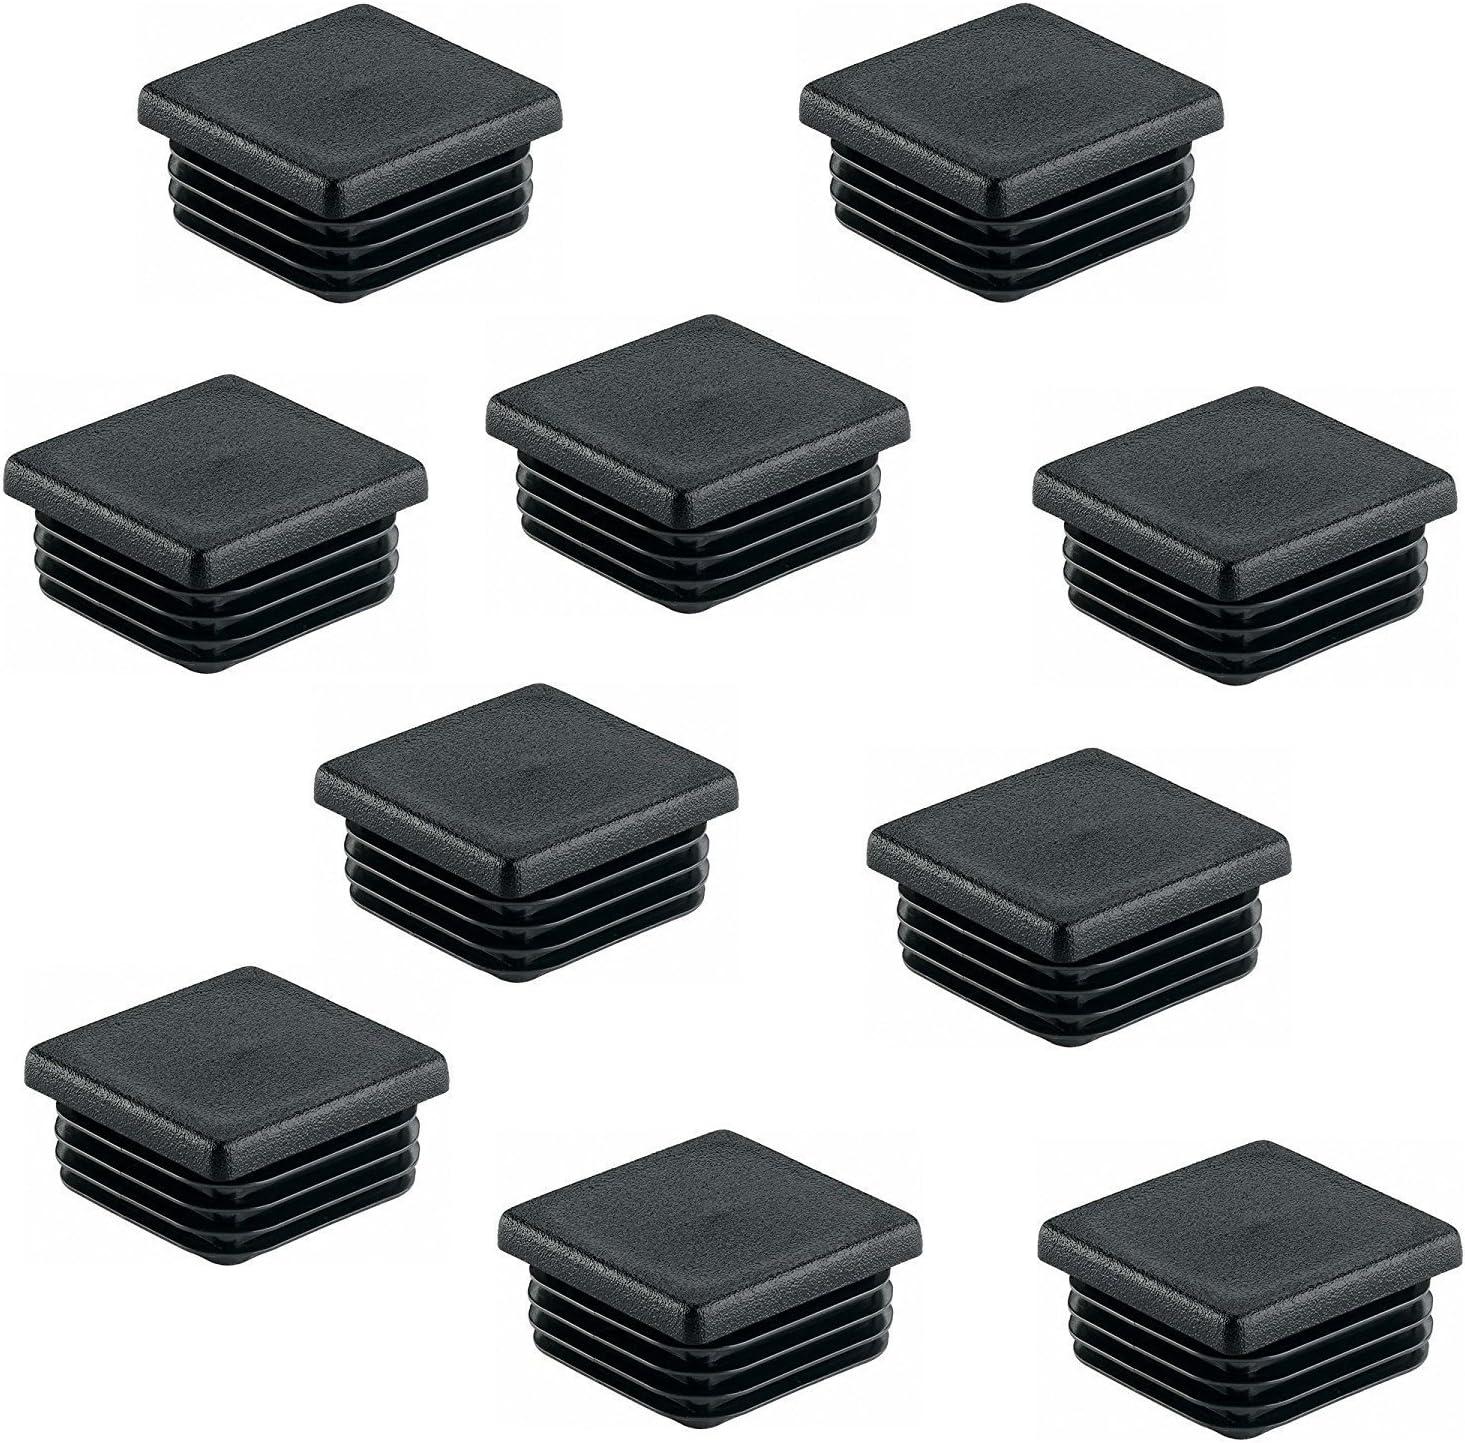 4 St/ück GedoTec PE Topes tubo Tapas para pie negro de pl/ástico para Tubo cuadrado Cosas de tubo rectangular cuadrado Tapones de l/ámina 100 x 100 mm Calidad de marca para su Sala de estar